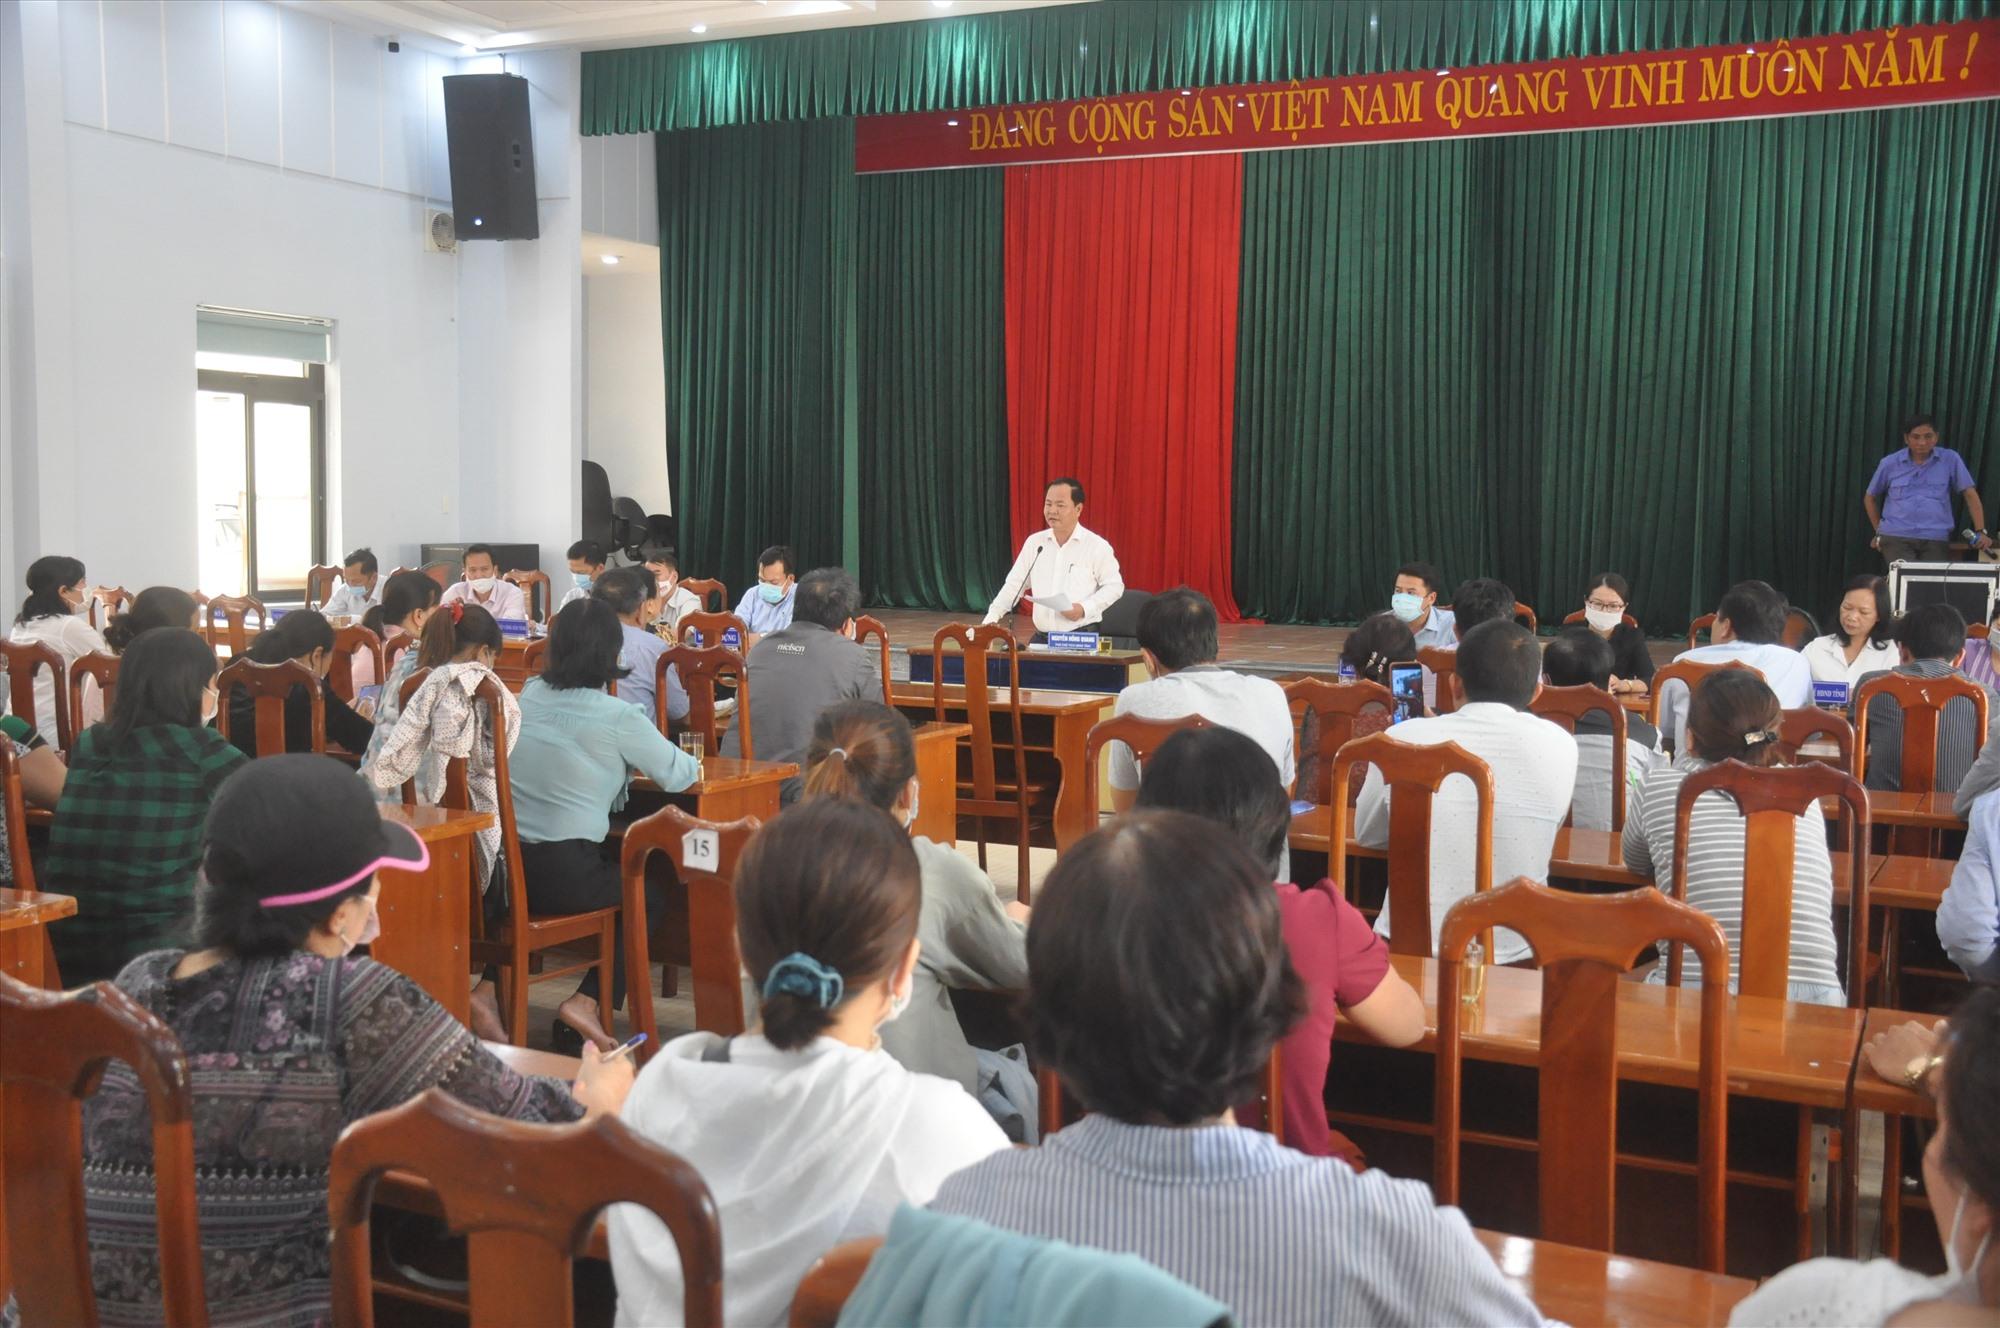 Hàng chục hộ dân mua đất nền dự án Bách Đạt An đăng ký được tiếp, đối thoại tại buổi tiếp dân định kỳ tháng 3.2021 của lãnh đạo UBND tỉnh sáng 26.3. Ảnh: N.Đ